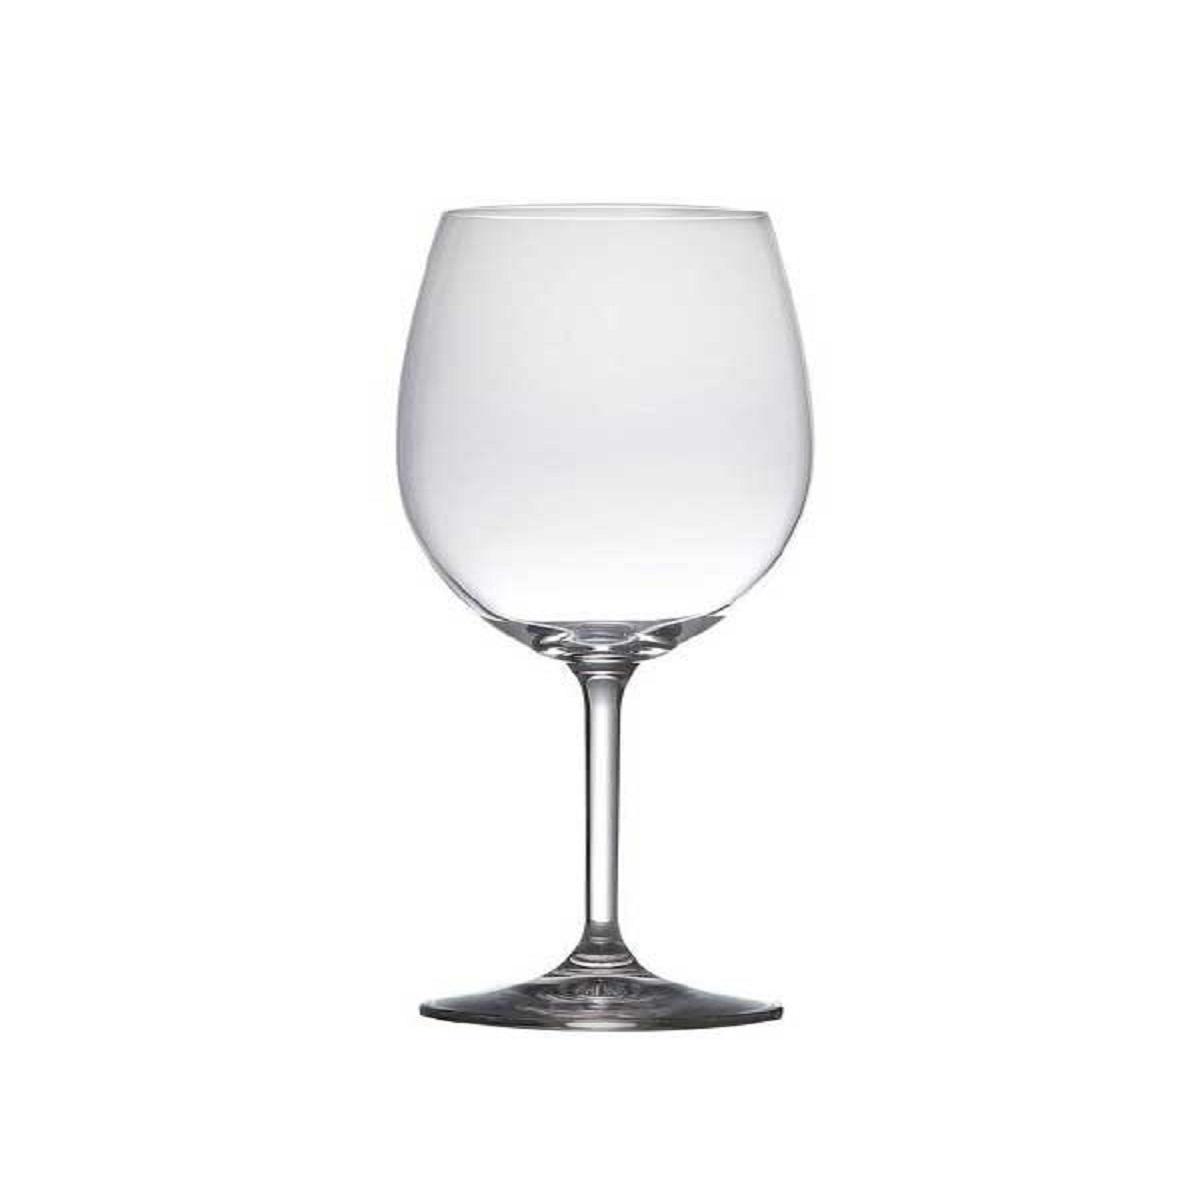 Jogo Taças de Vinho Tinto Gastro 6 peças